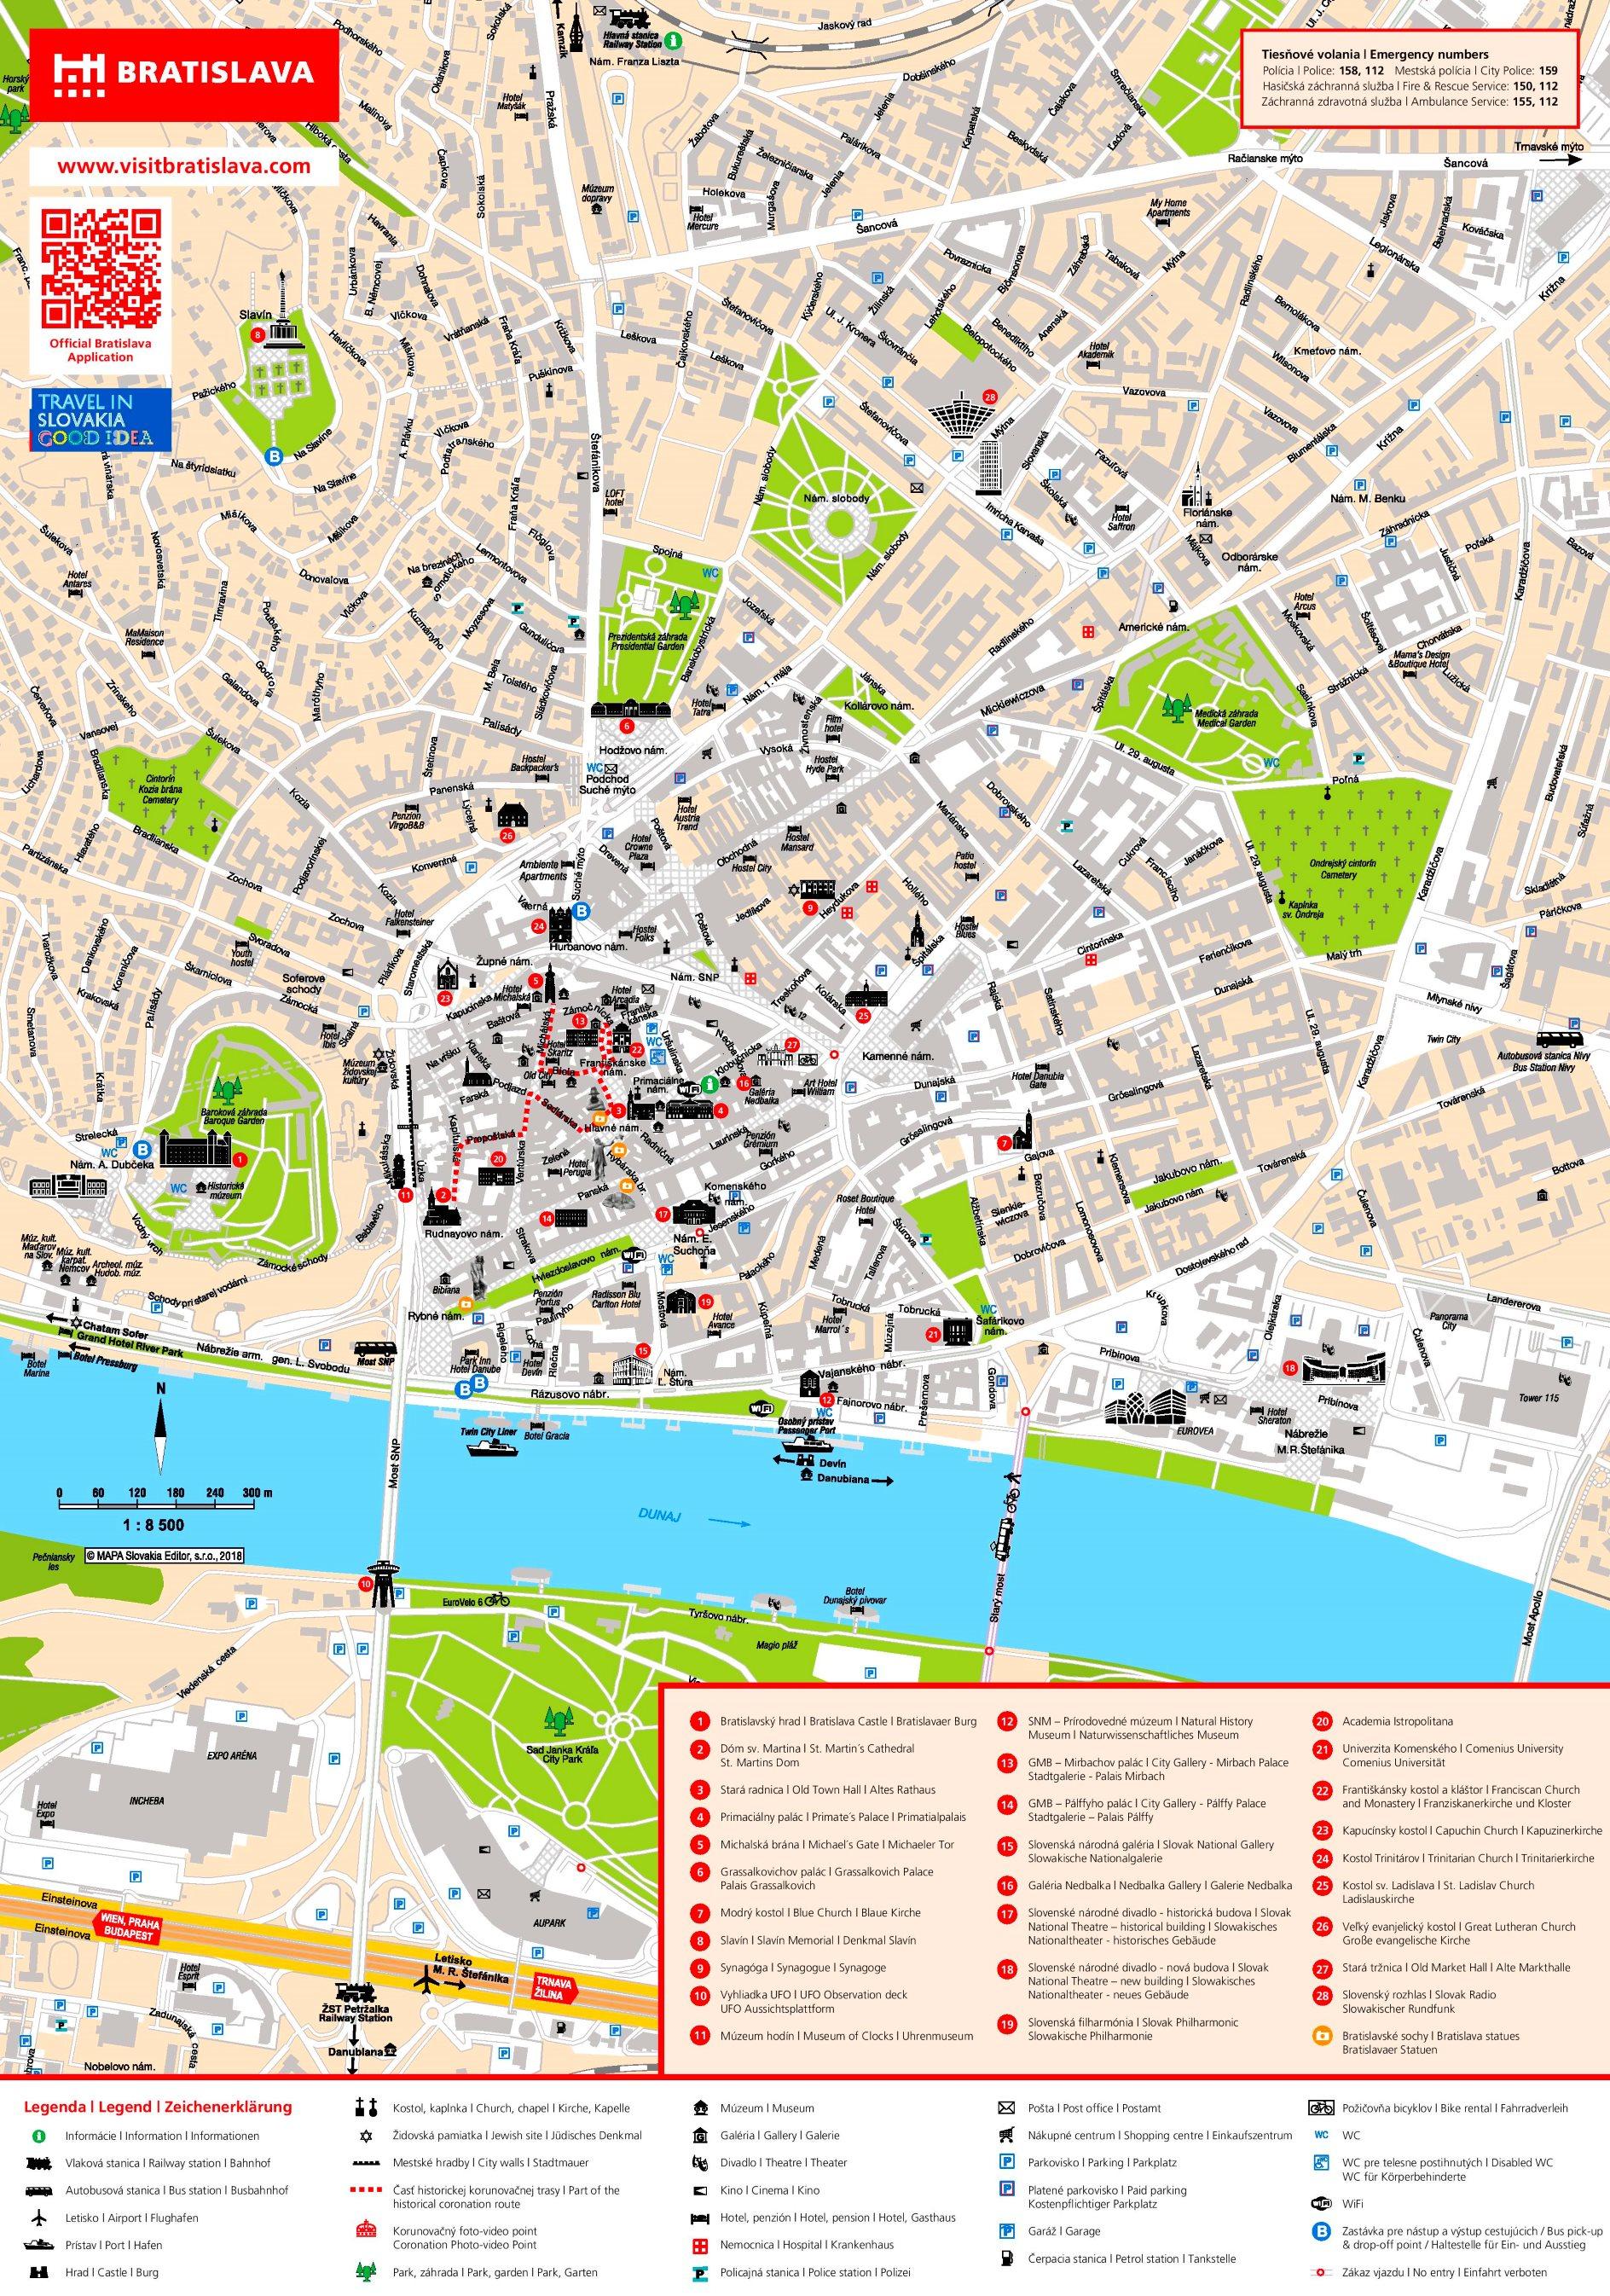 Stadtplan von Bratislava mit Sehenswürdigkeiten von ontheworldmap.com